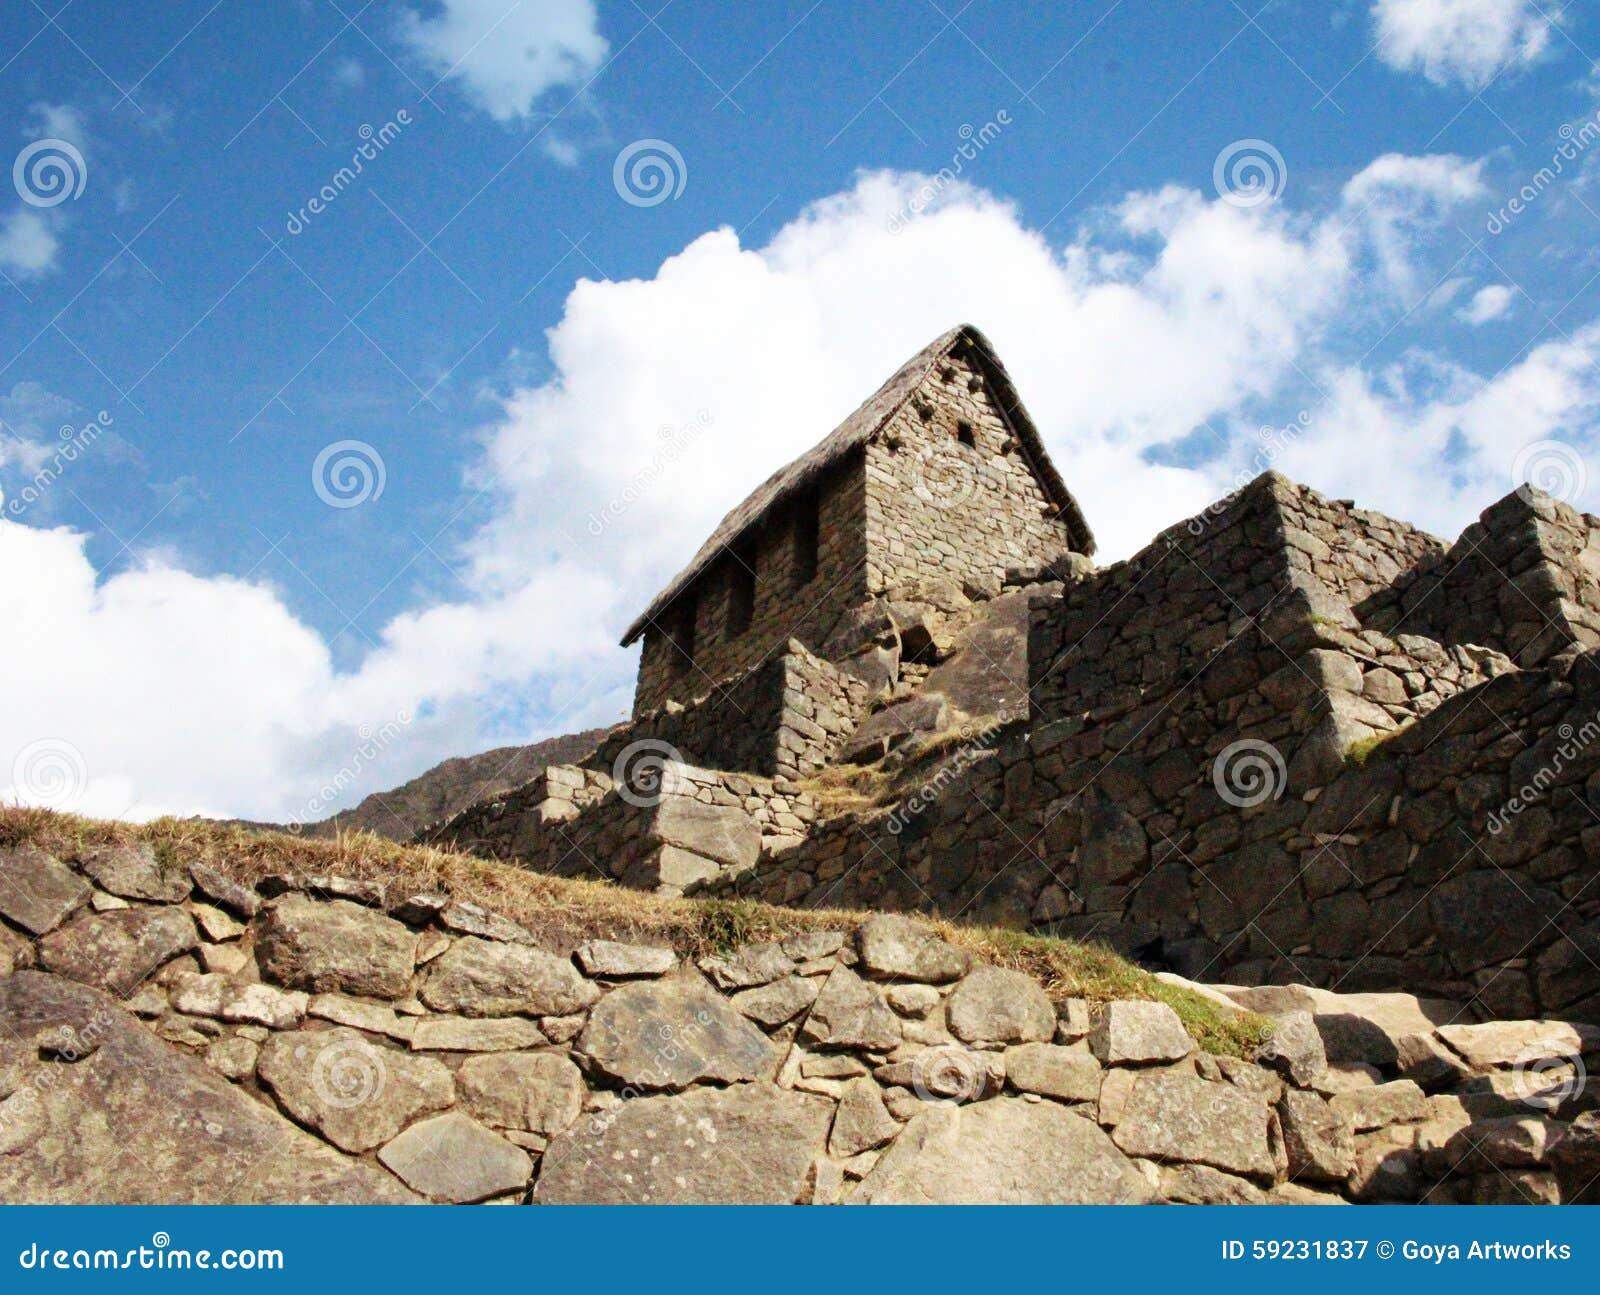 Download Machu Picchu fotografía editorial. Imagen de hierba, piedra - 59231837